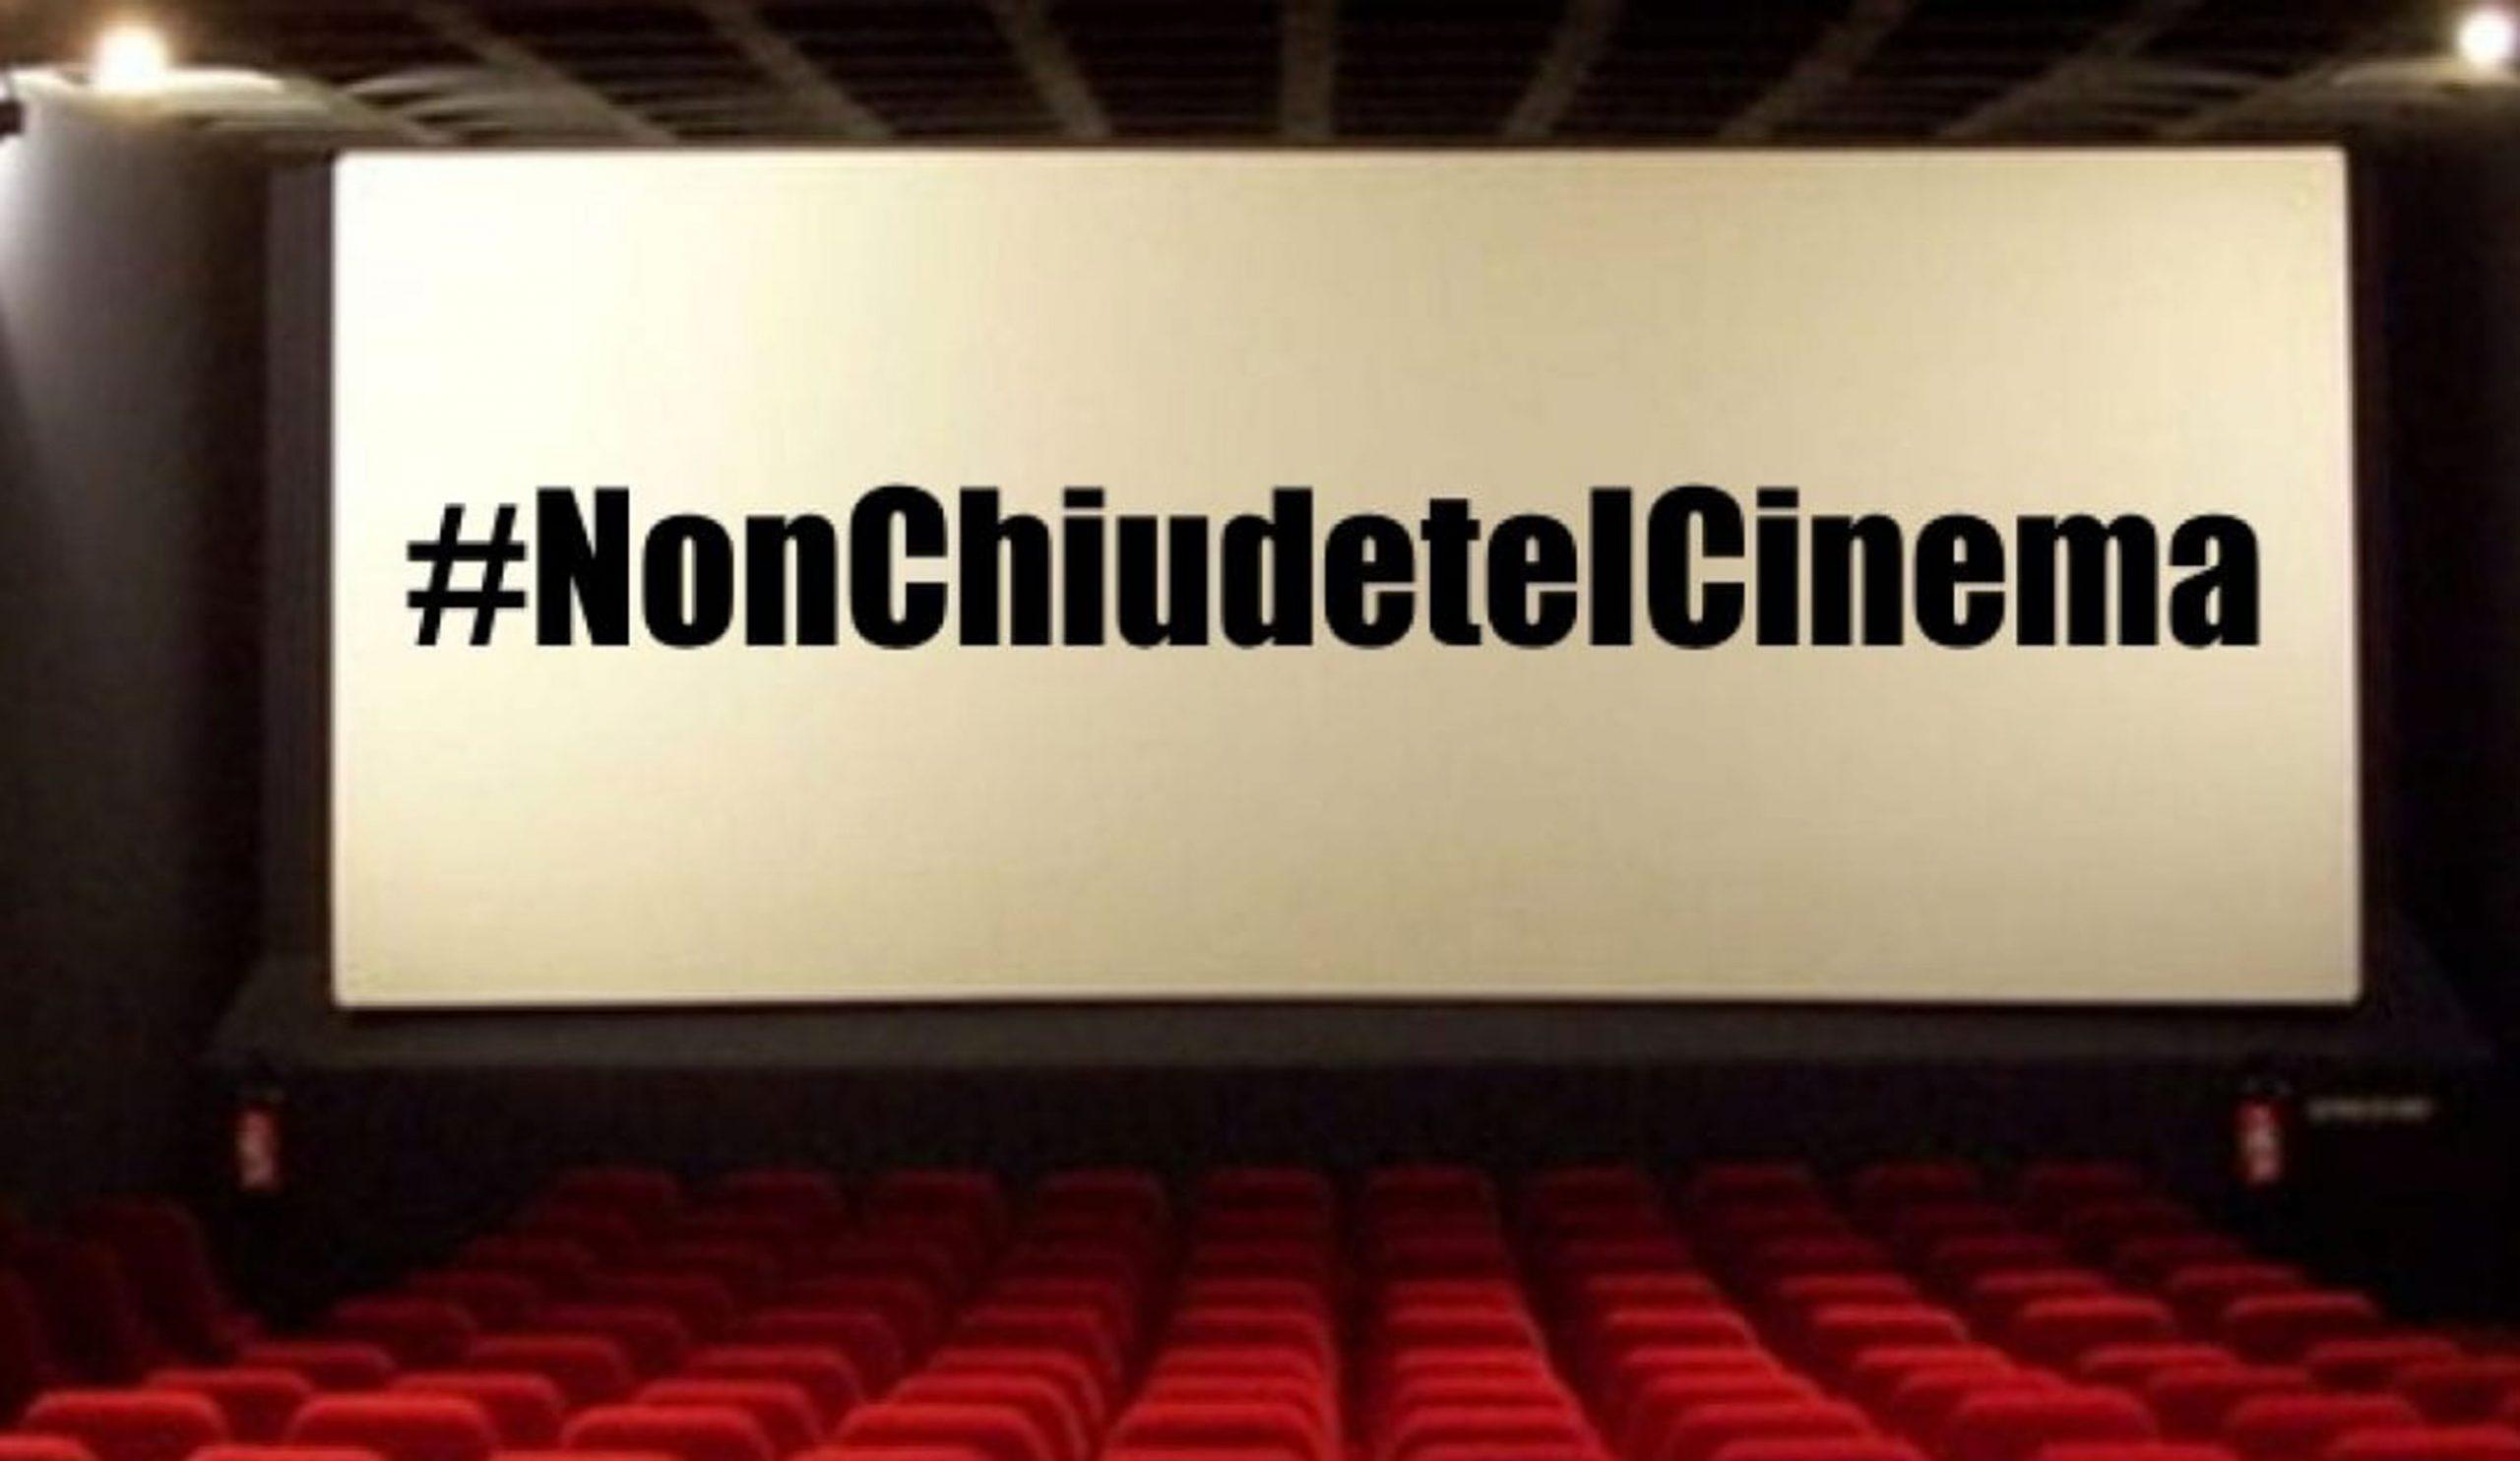 Dpcm del 3 novembre cinema